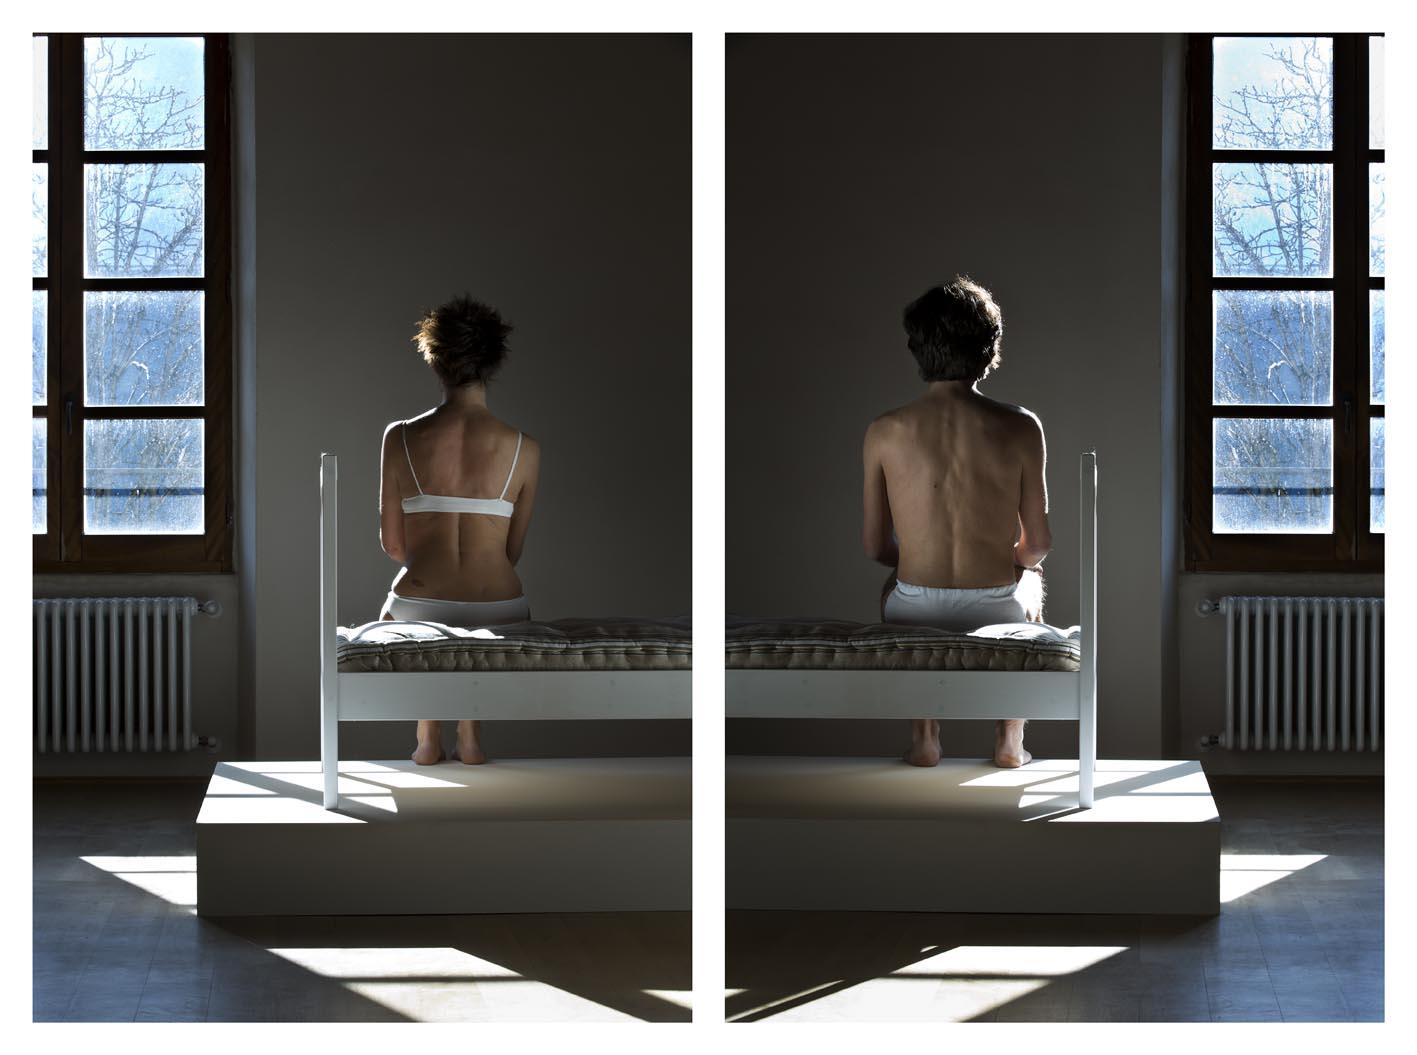 MAX ZARRI Talea-47 2013 Letto, sedie, stampa fotografica ai pigmenti, su carta cotone Dimensioni Ambientali